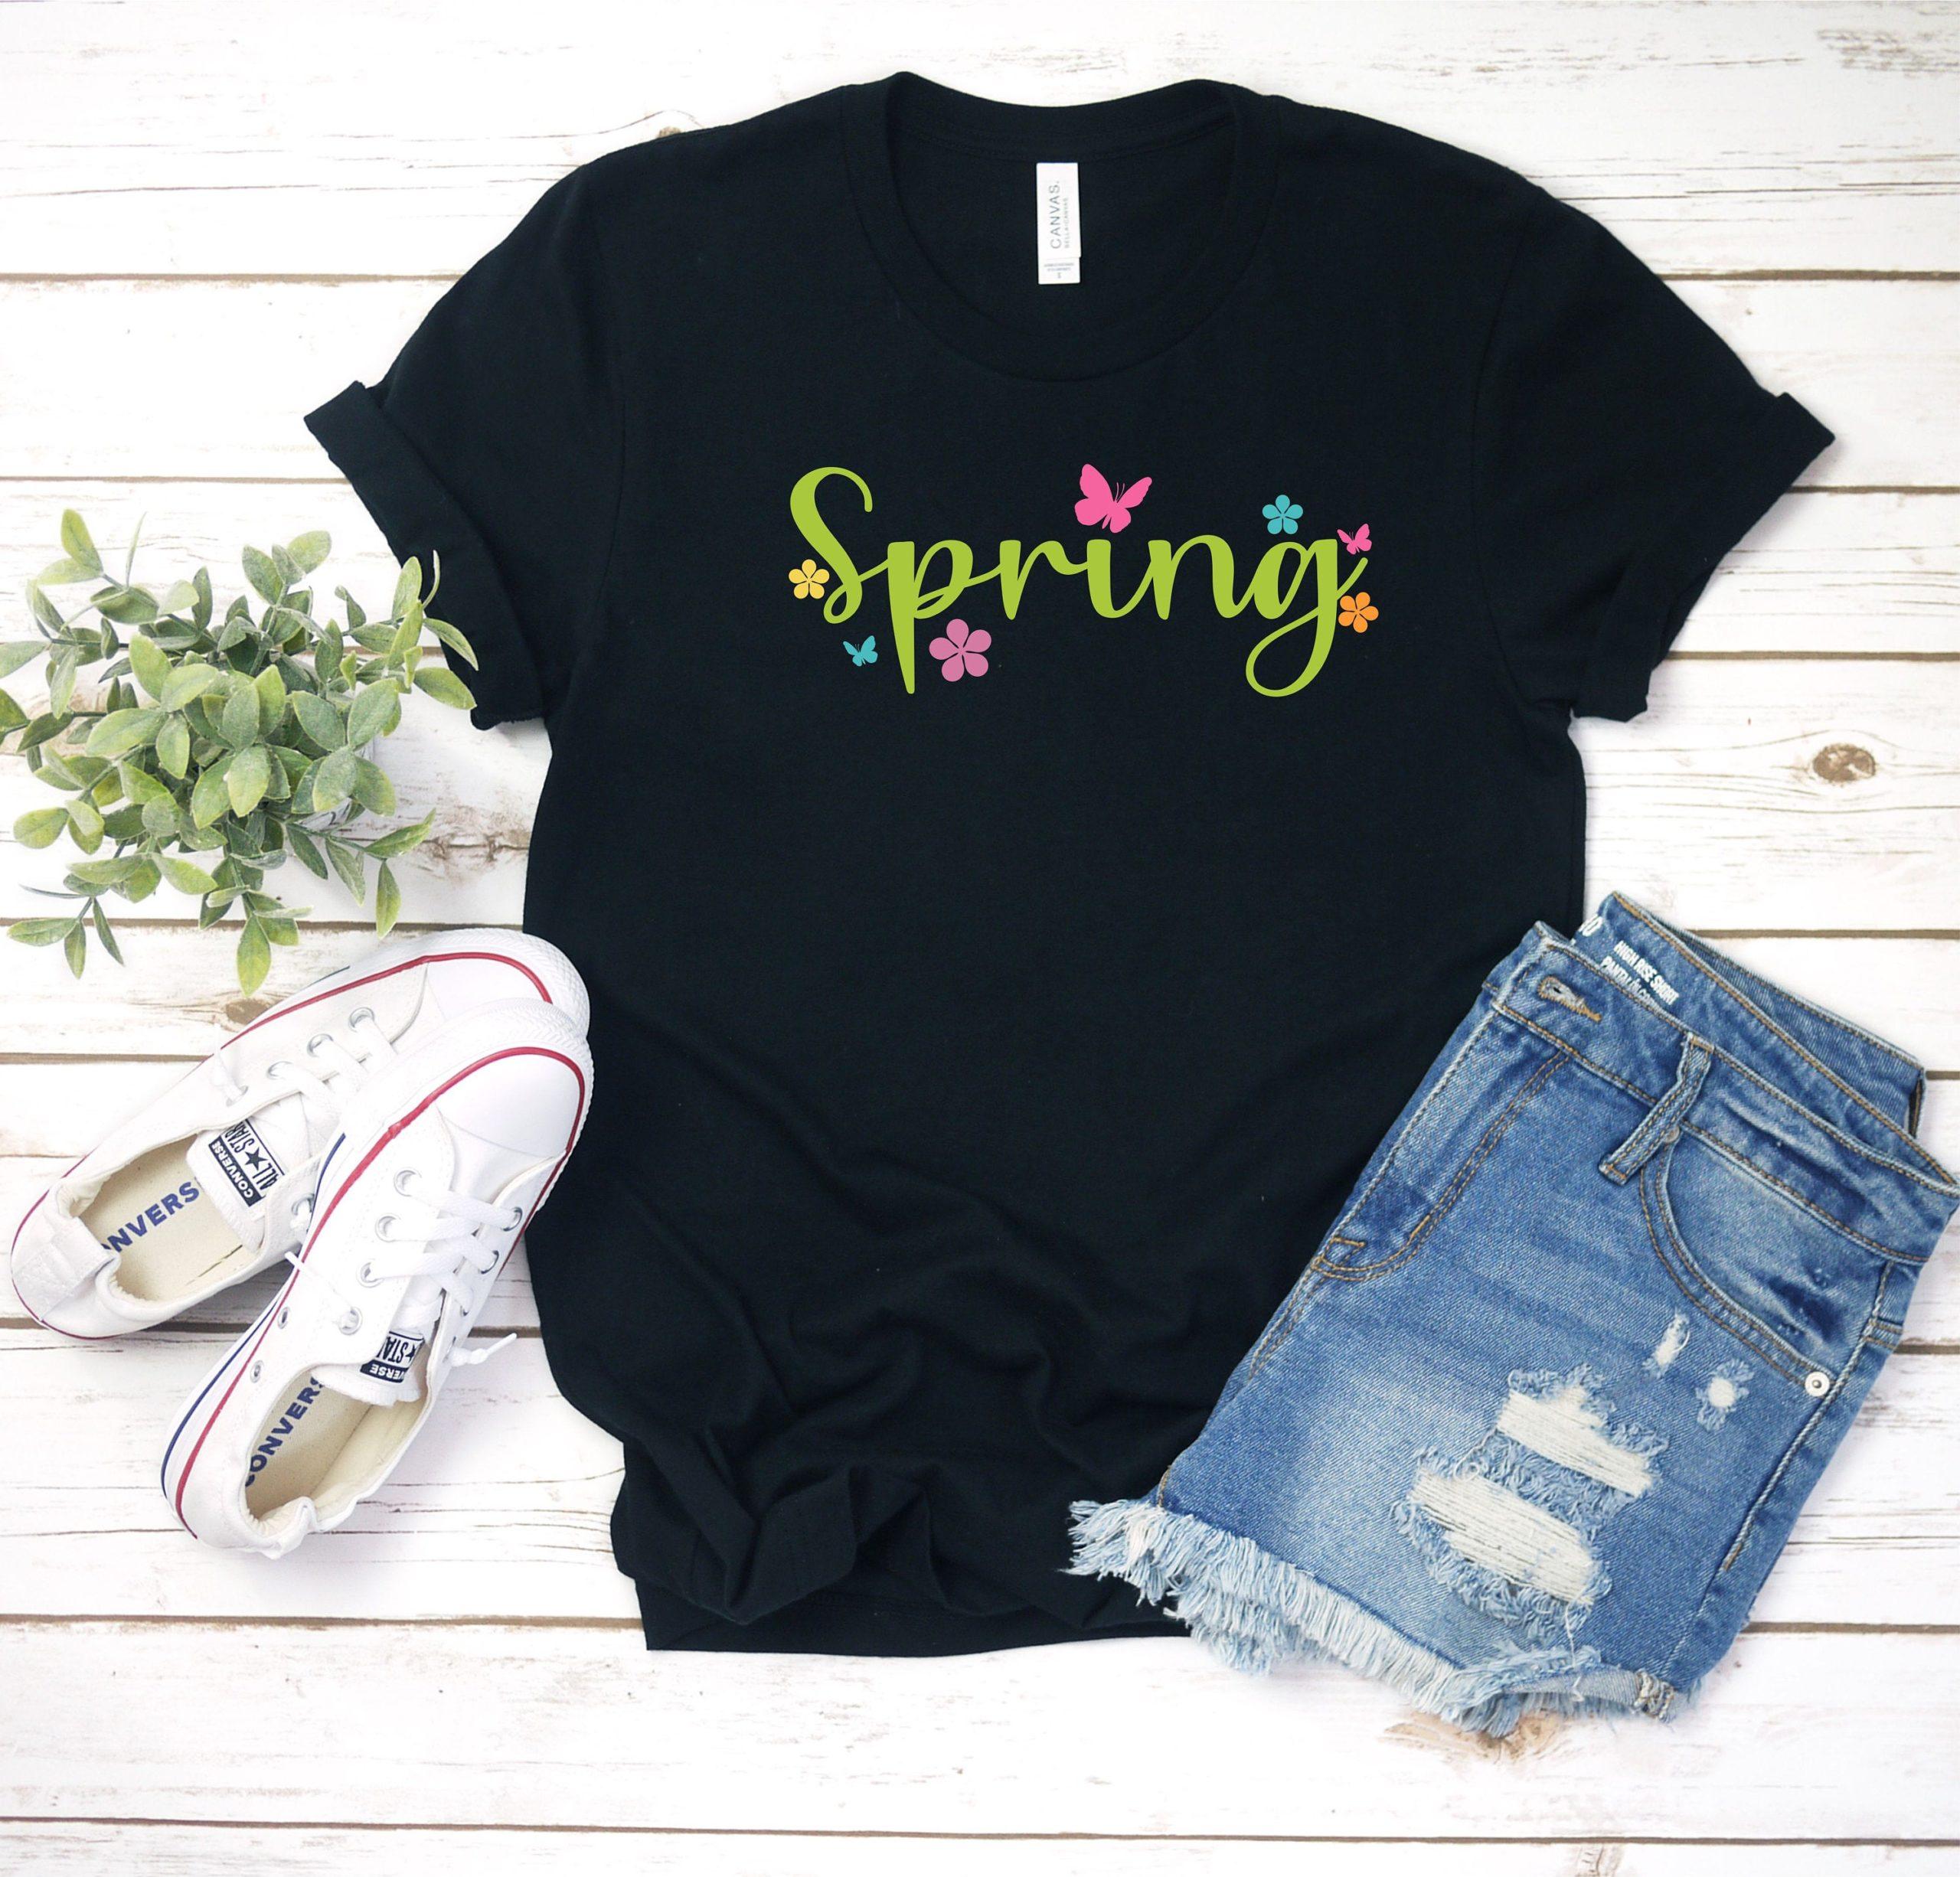 Spring-svg-butterflies-svg-spring-svgs-springtime-svg-flowers-svg-spring-svg-design-spring-cut-filespring-cricut-svg-605128dc